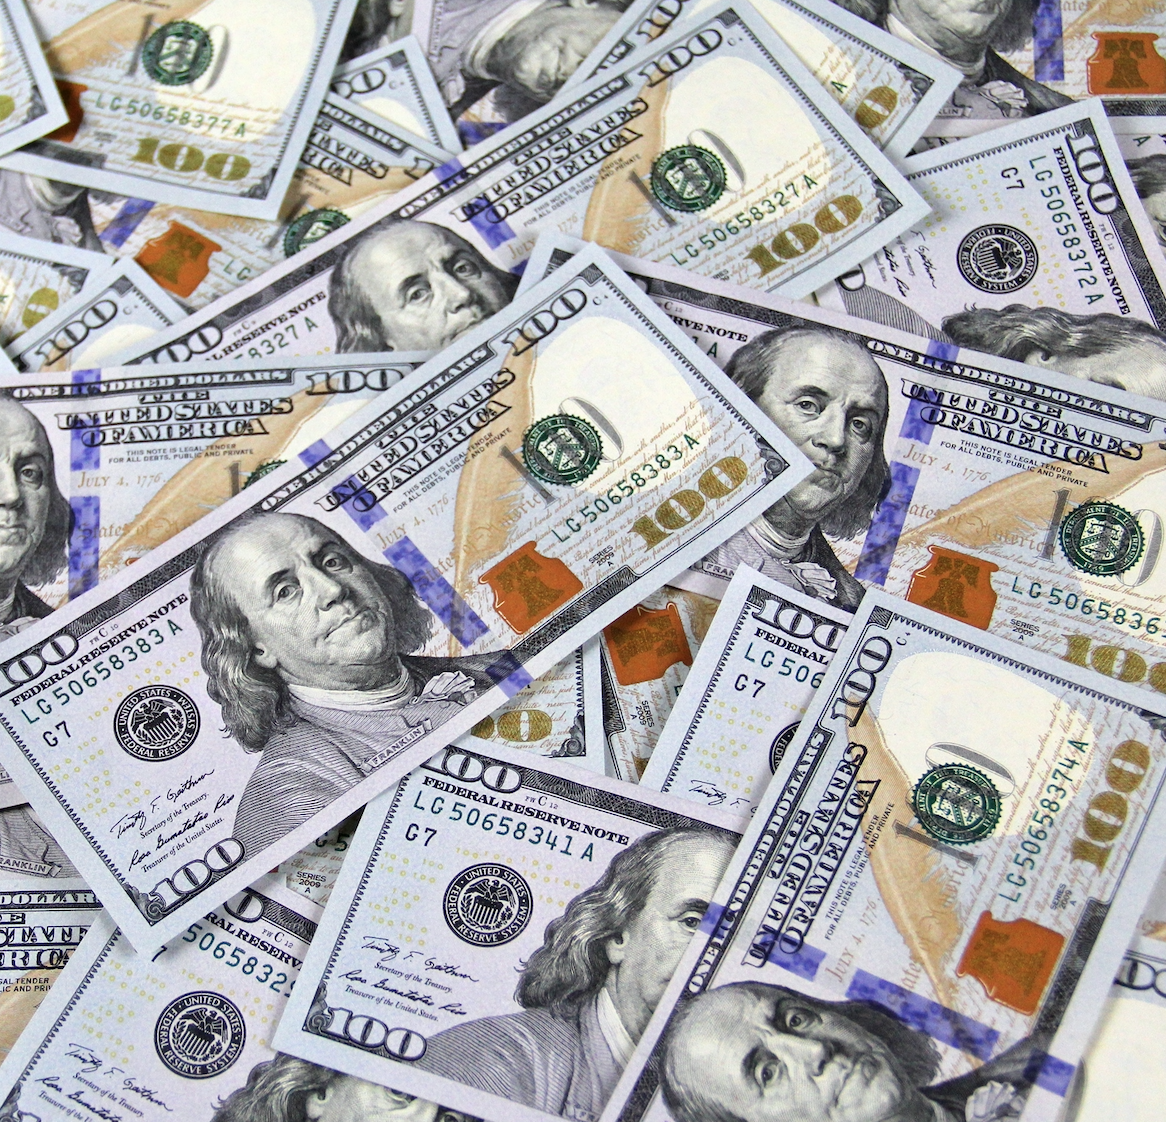 【リスクと向き合う】投資はドーピング! 年金問題の「盲点」は世界最大の機関投資家「GPIF」